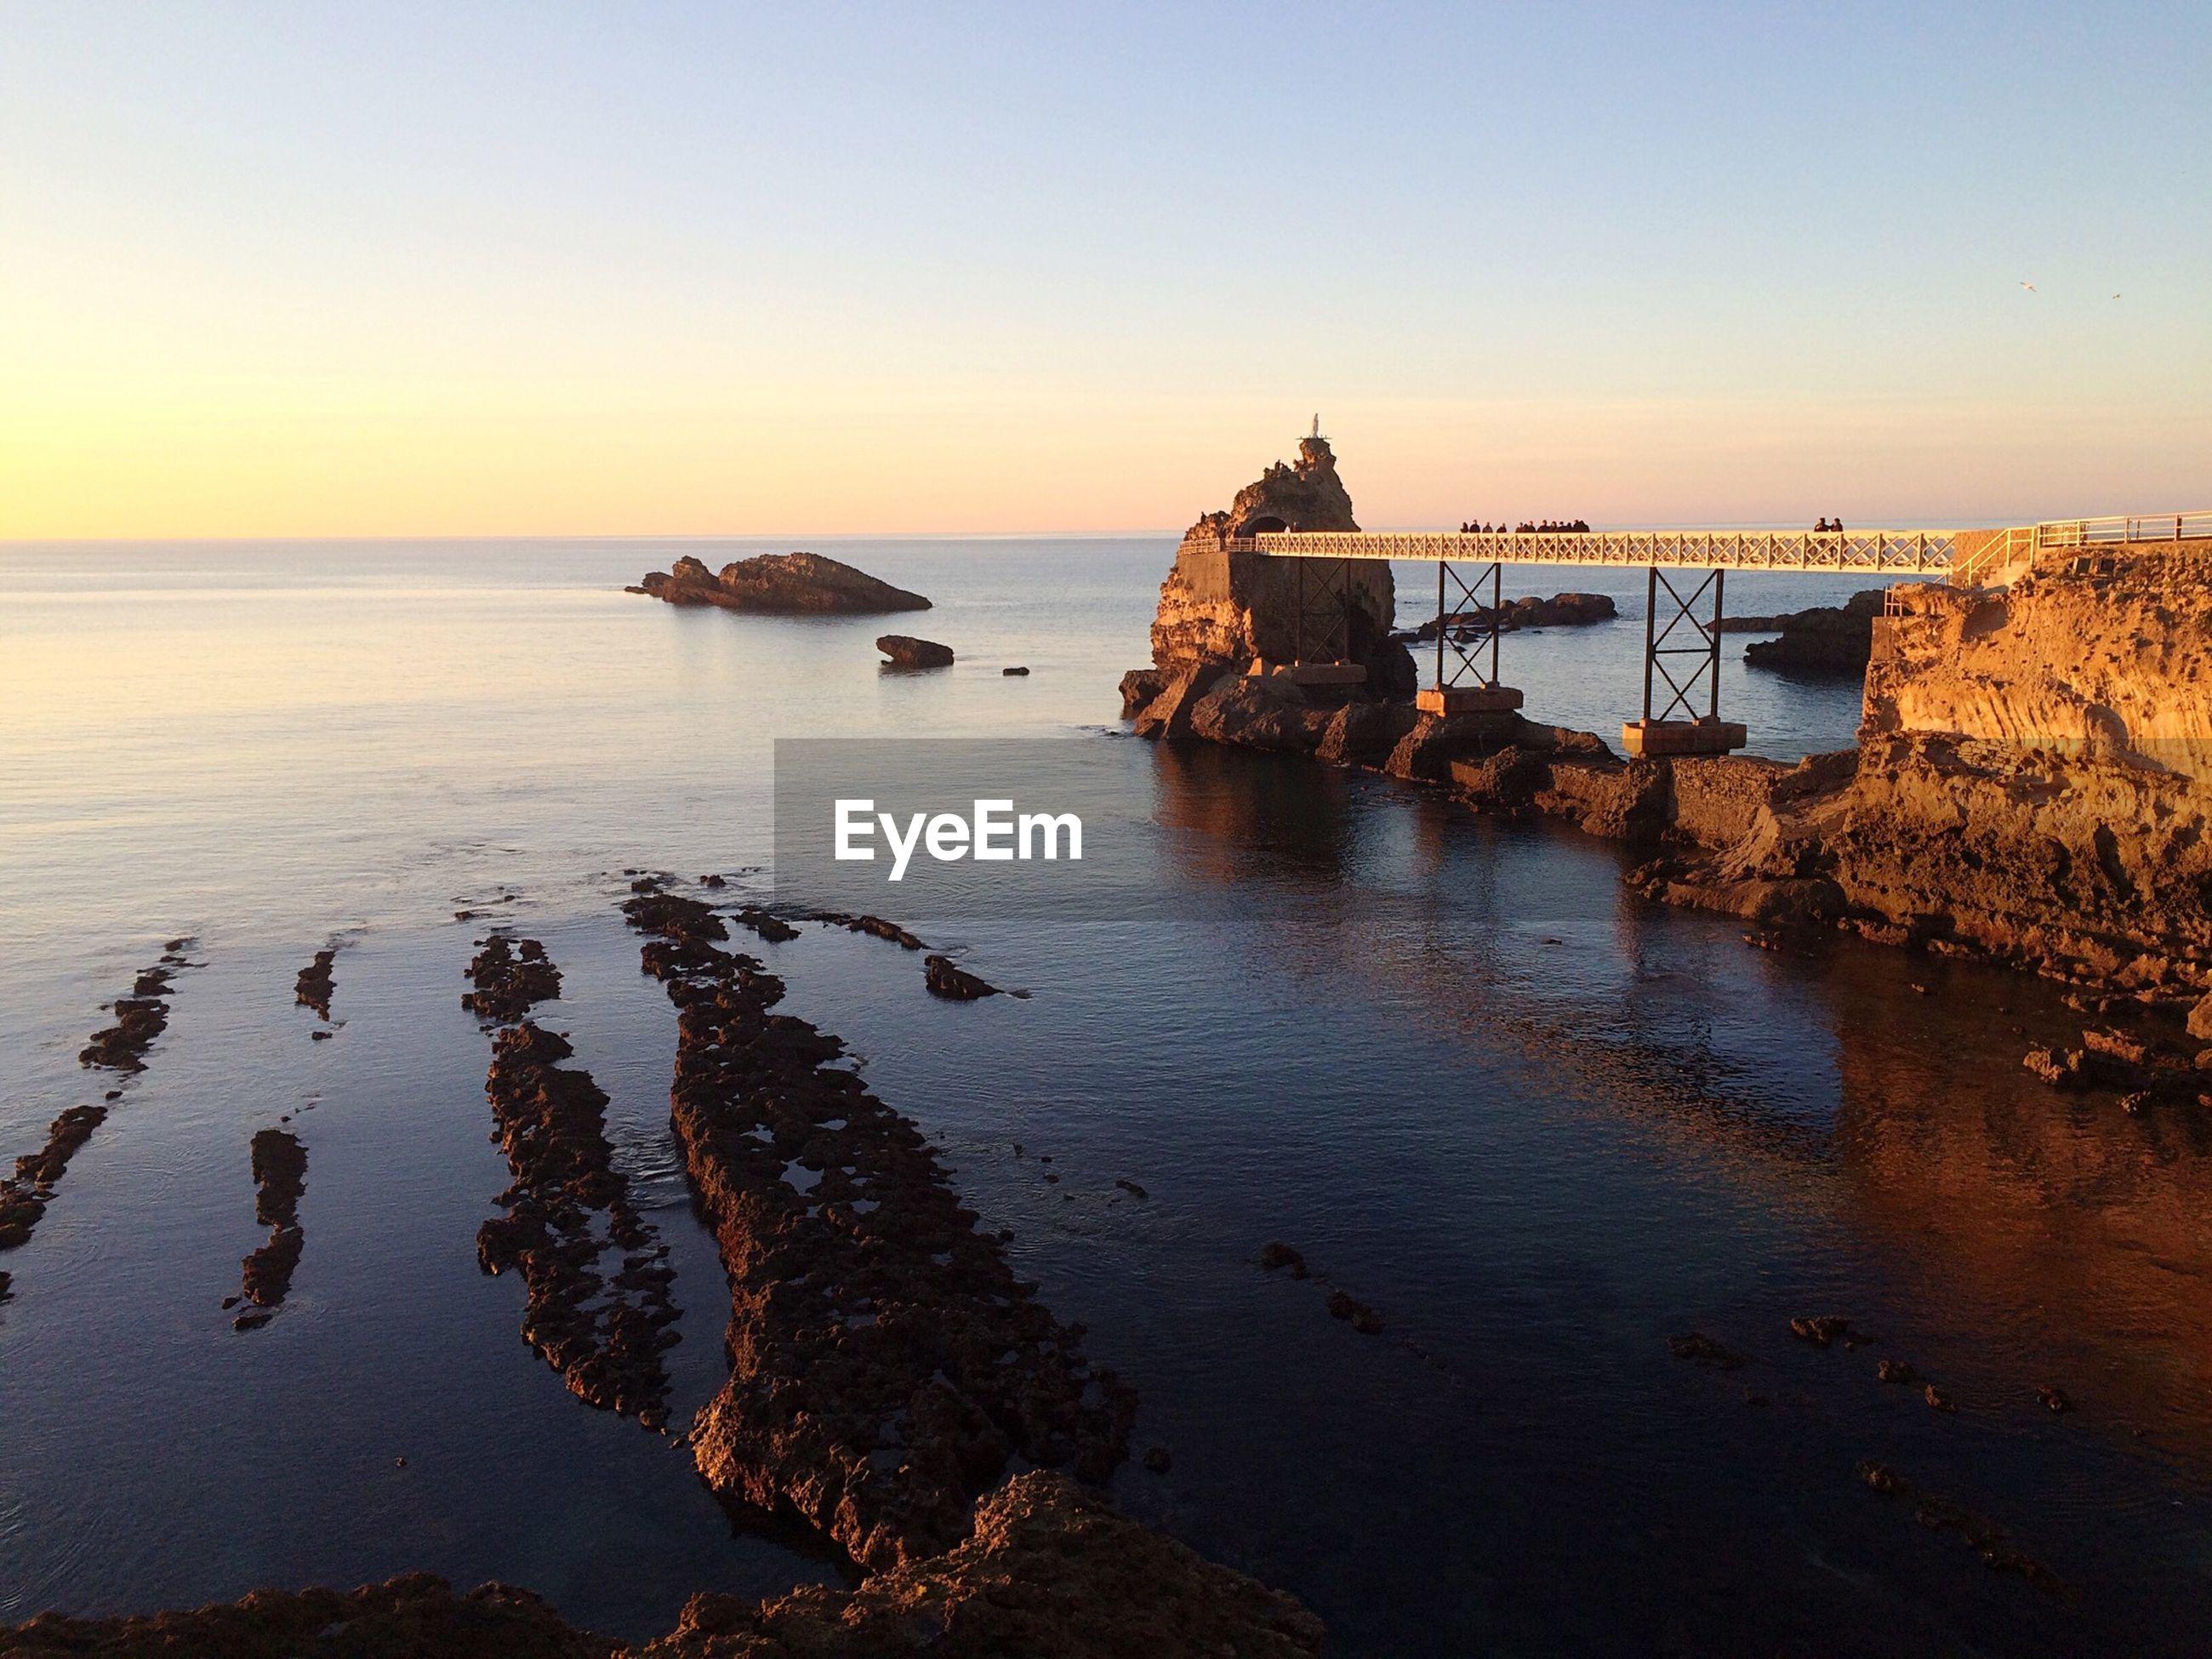 Footbridge between rocks by sea